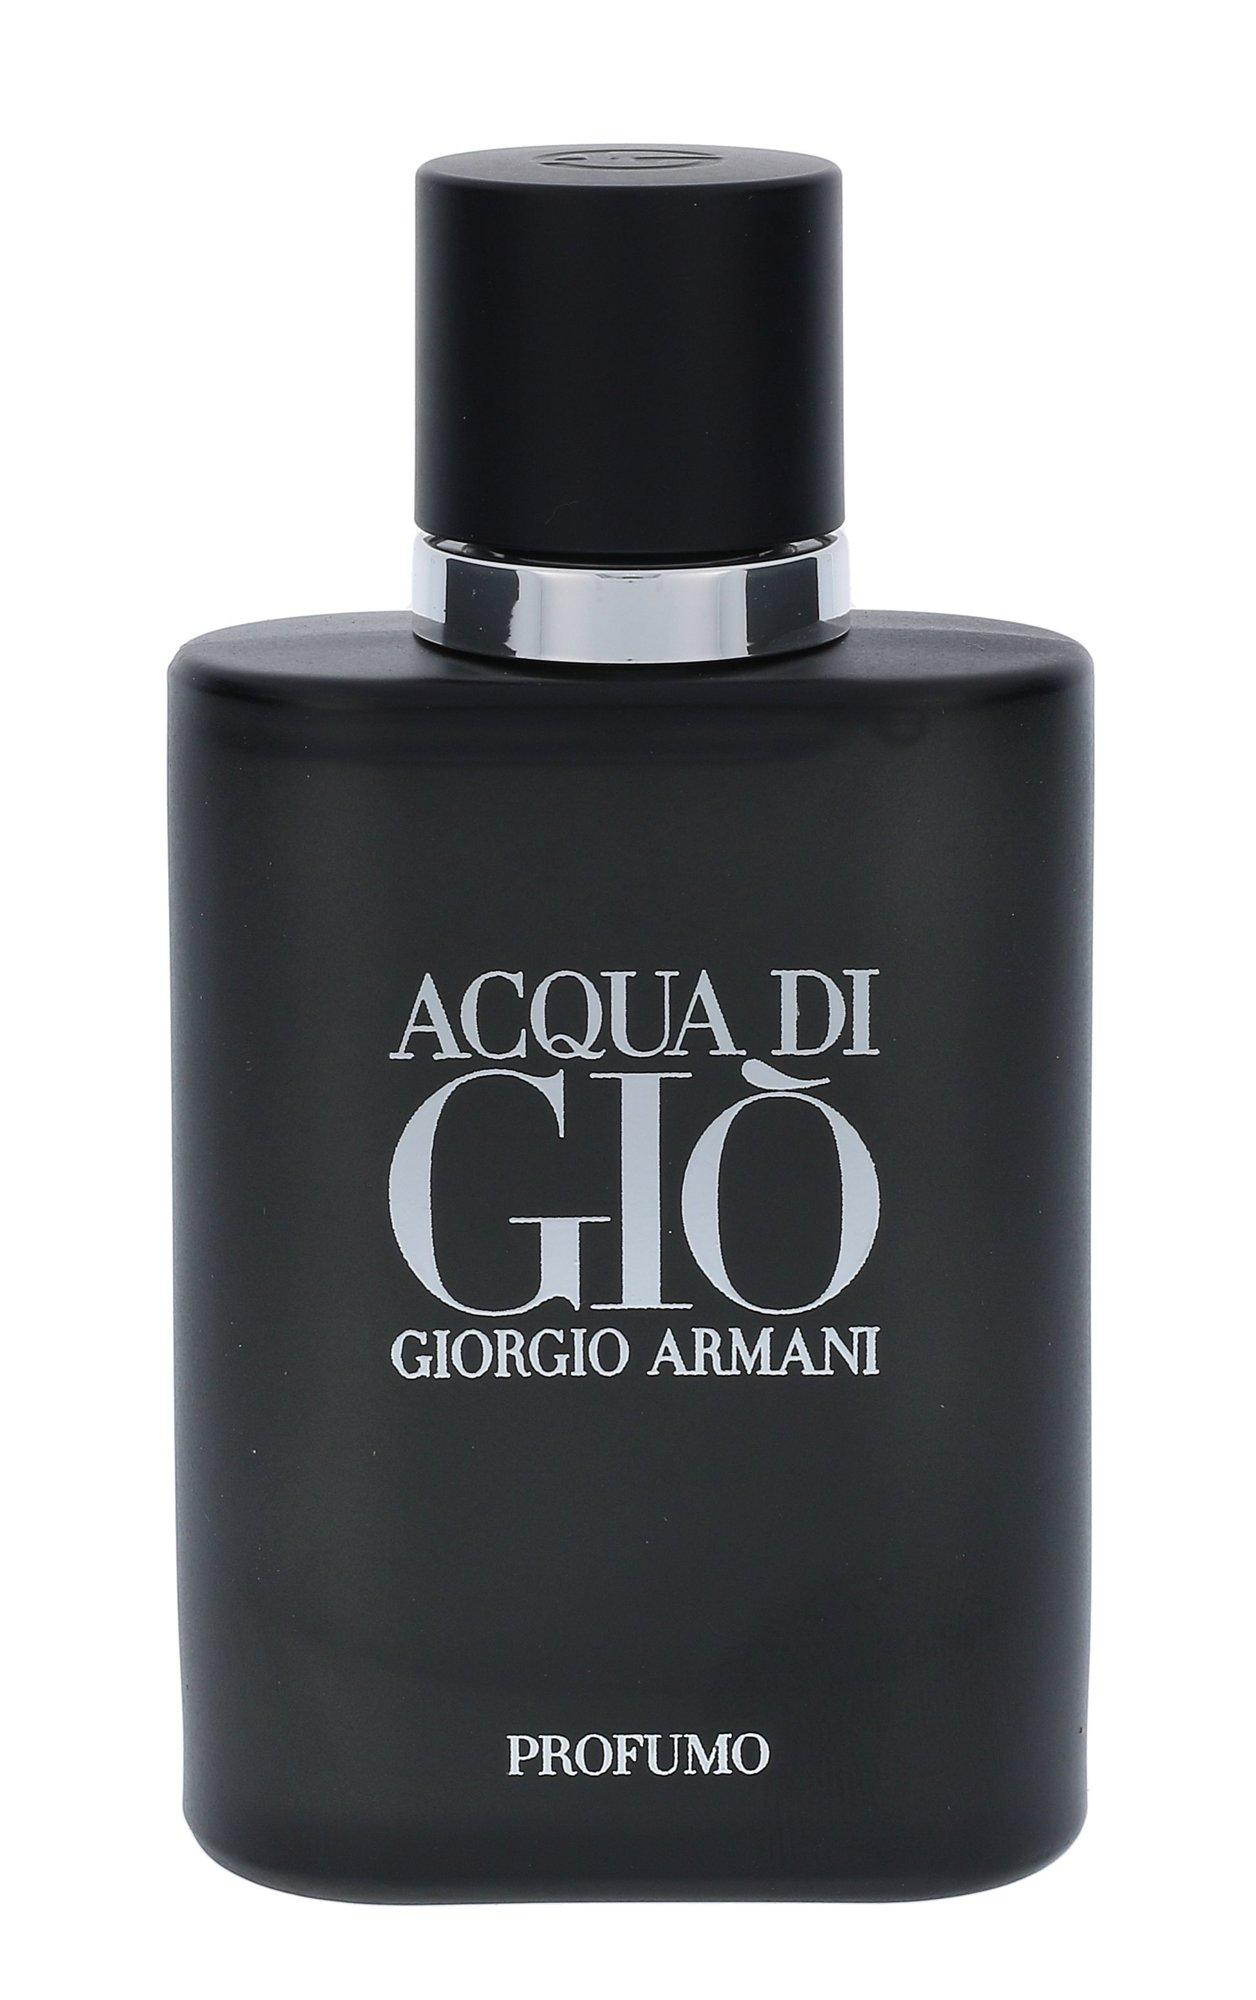 Giorgio Armani Acqua di Gio Profumo EDP 40ml